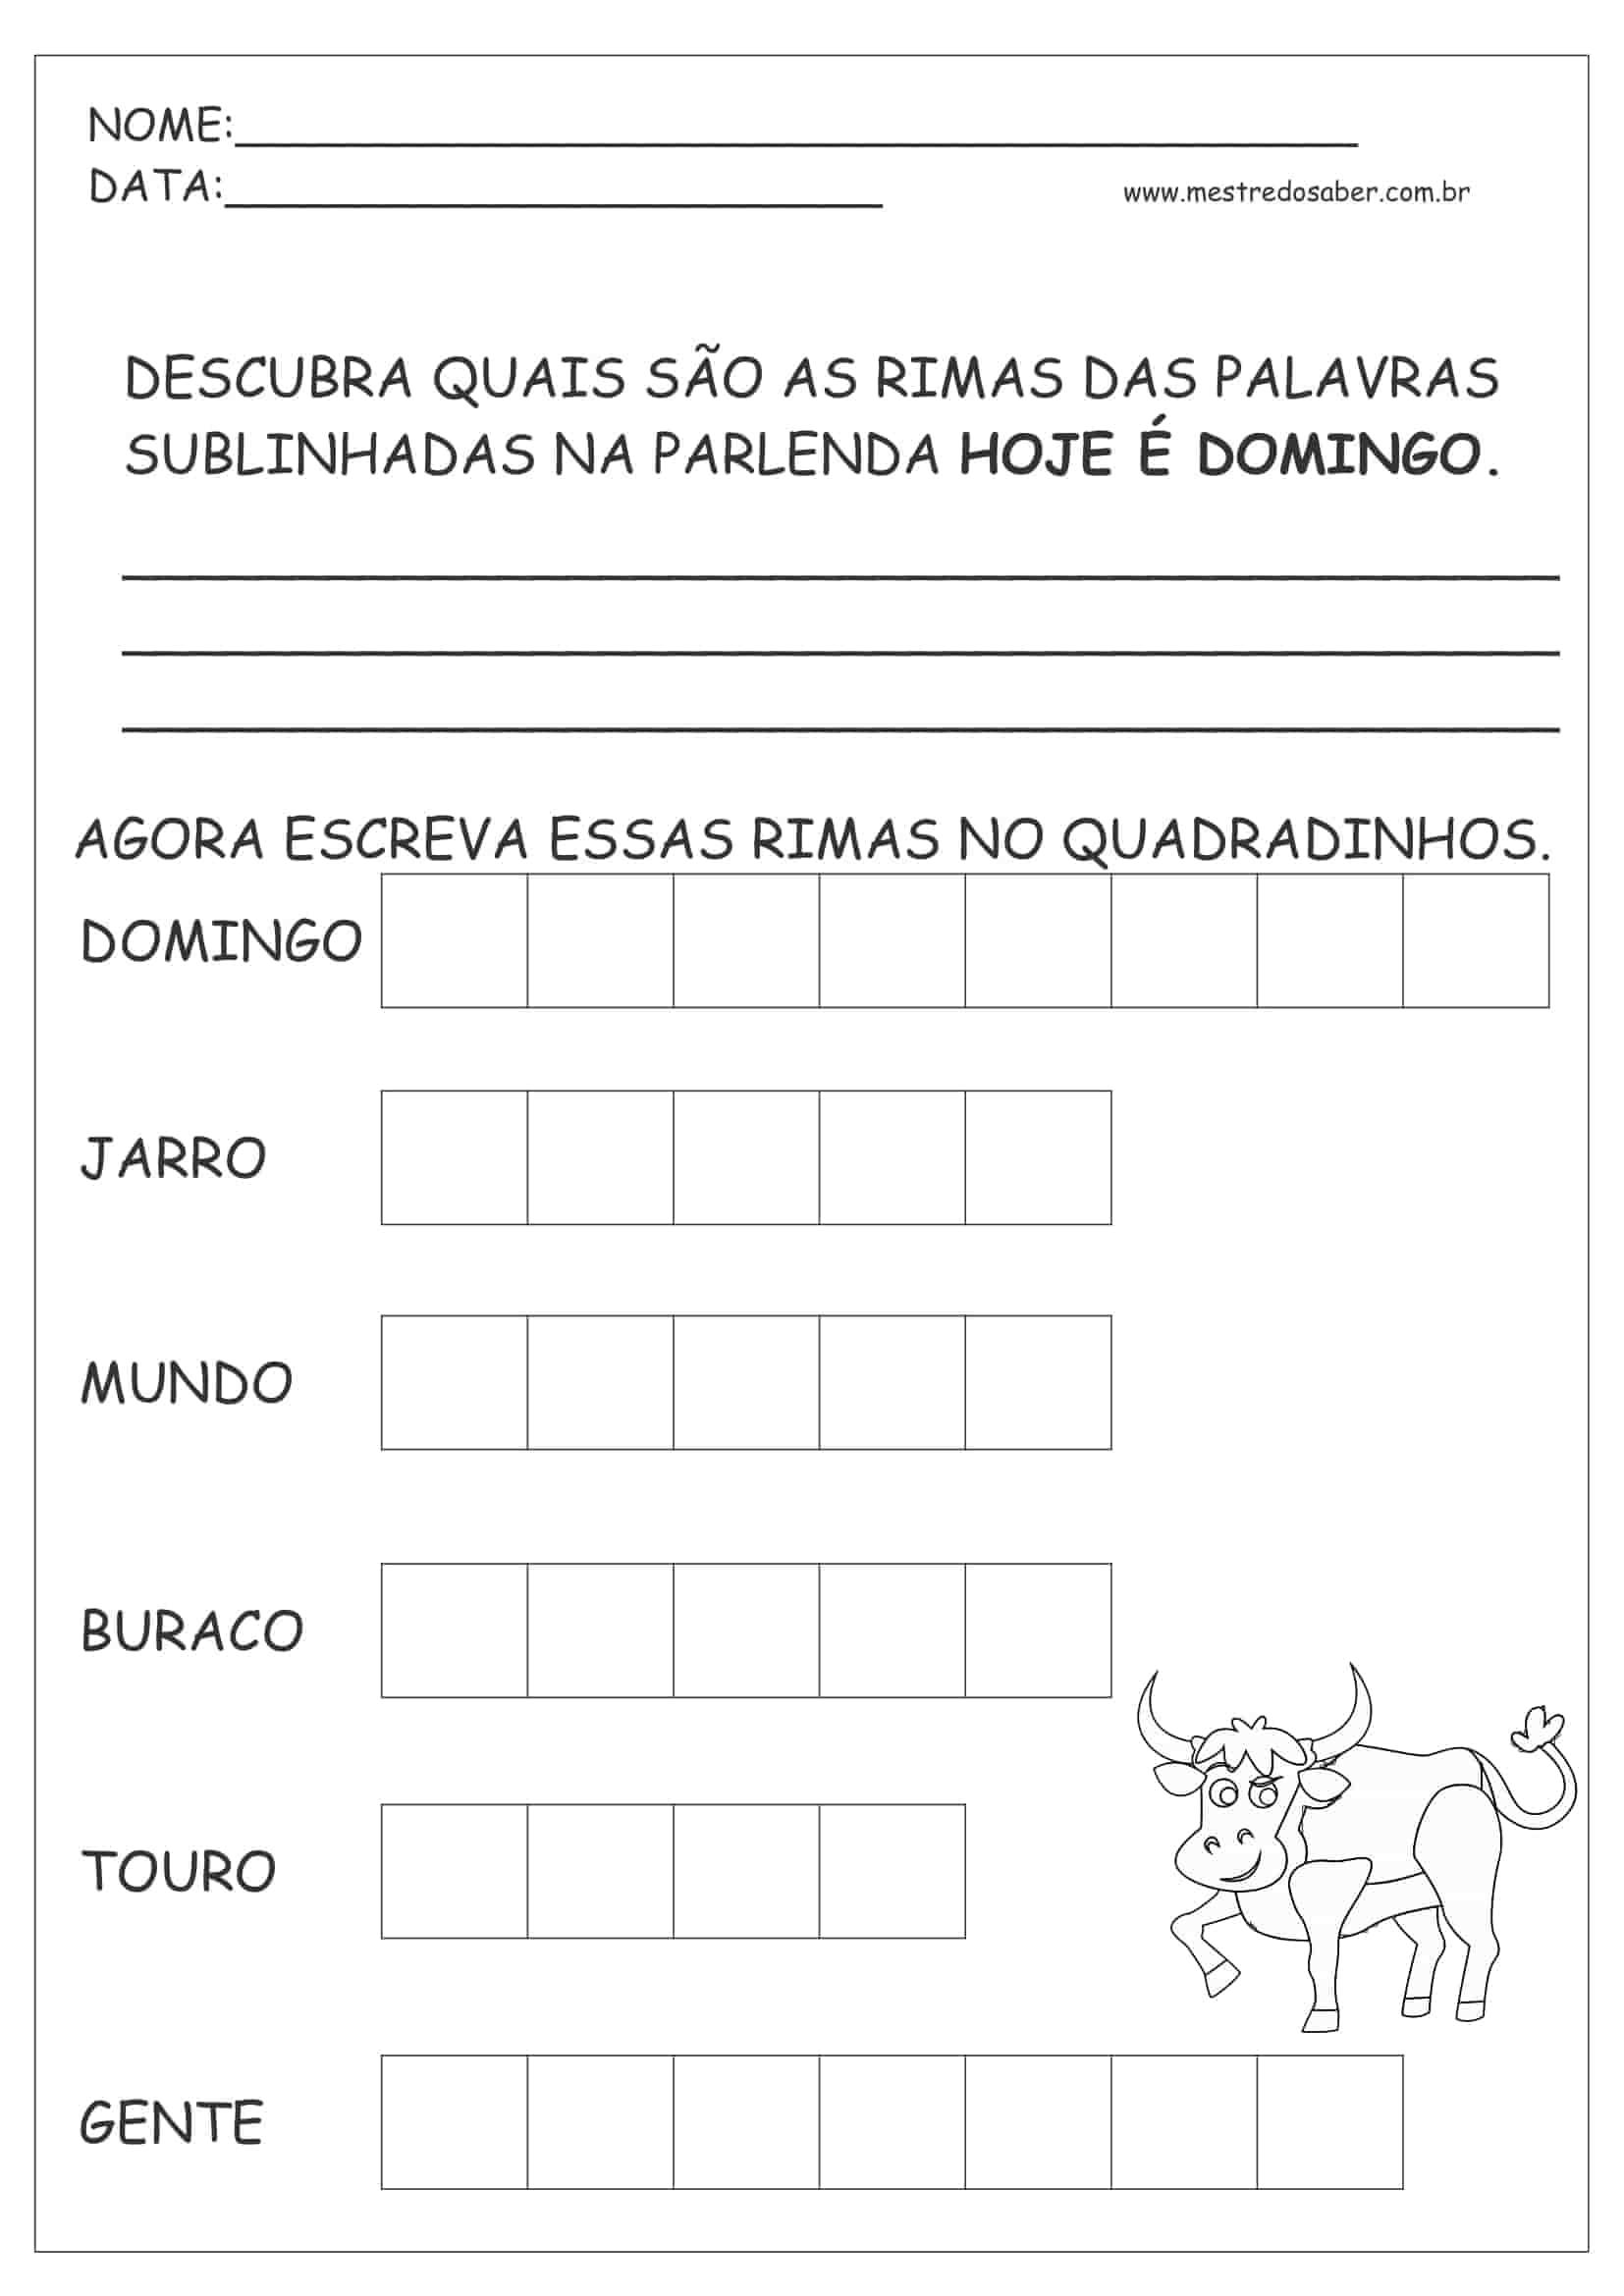 30 Atividades de Português 1 ano - Mestre do Saber